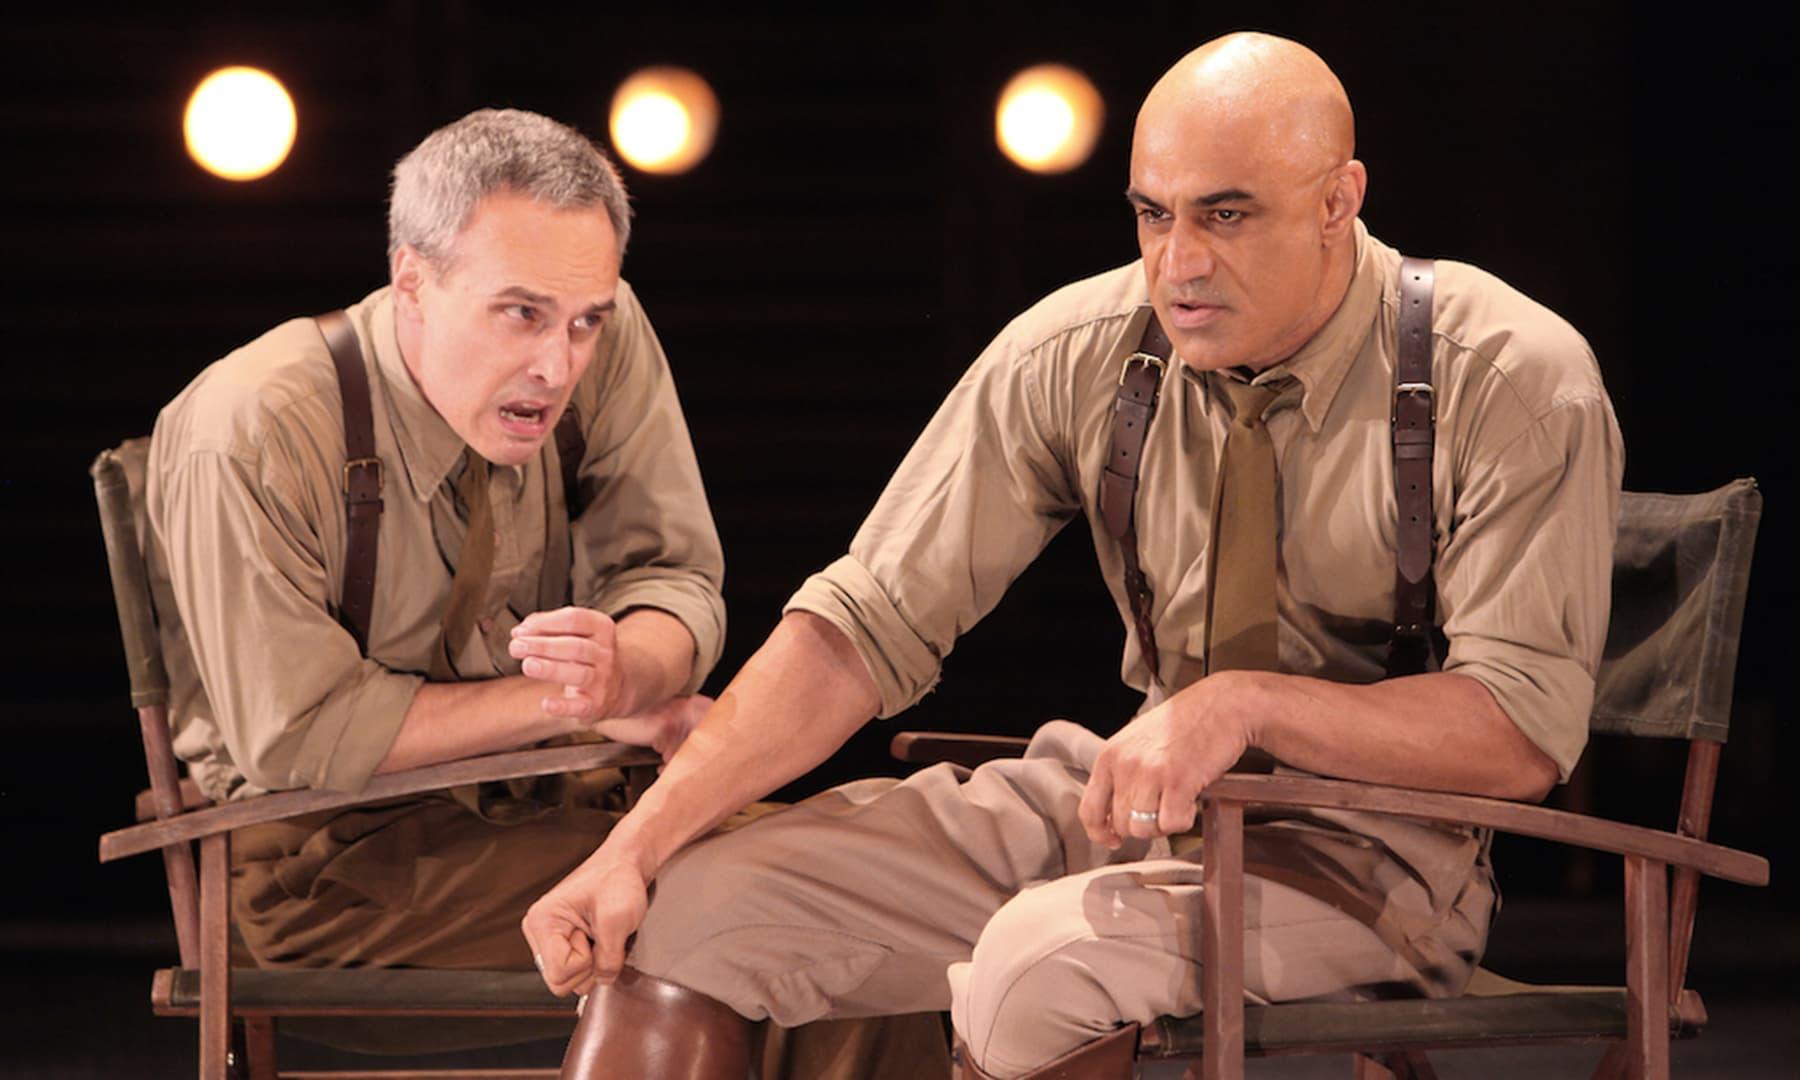 فاران طاہر کی تھیٹر ڈرامے میں اداکاری کا ایک منظر